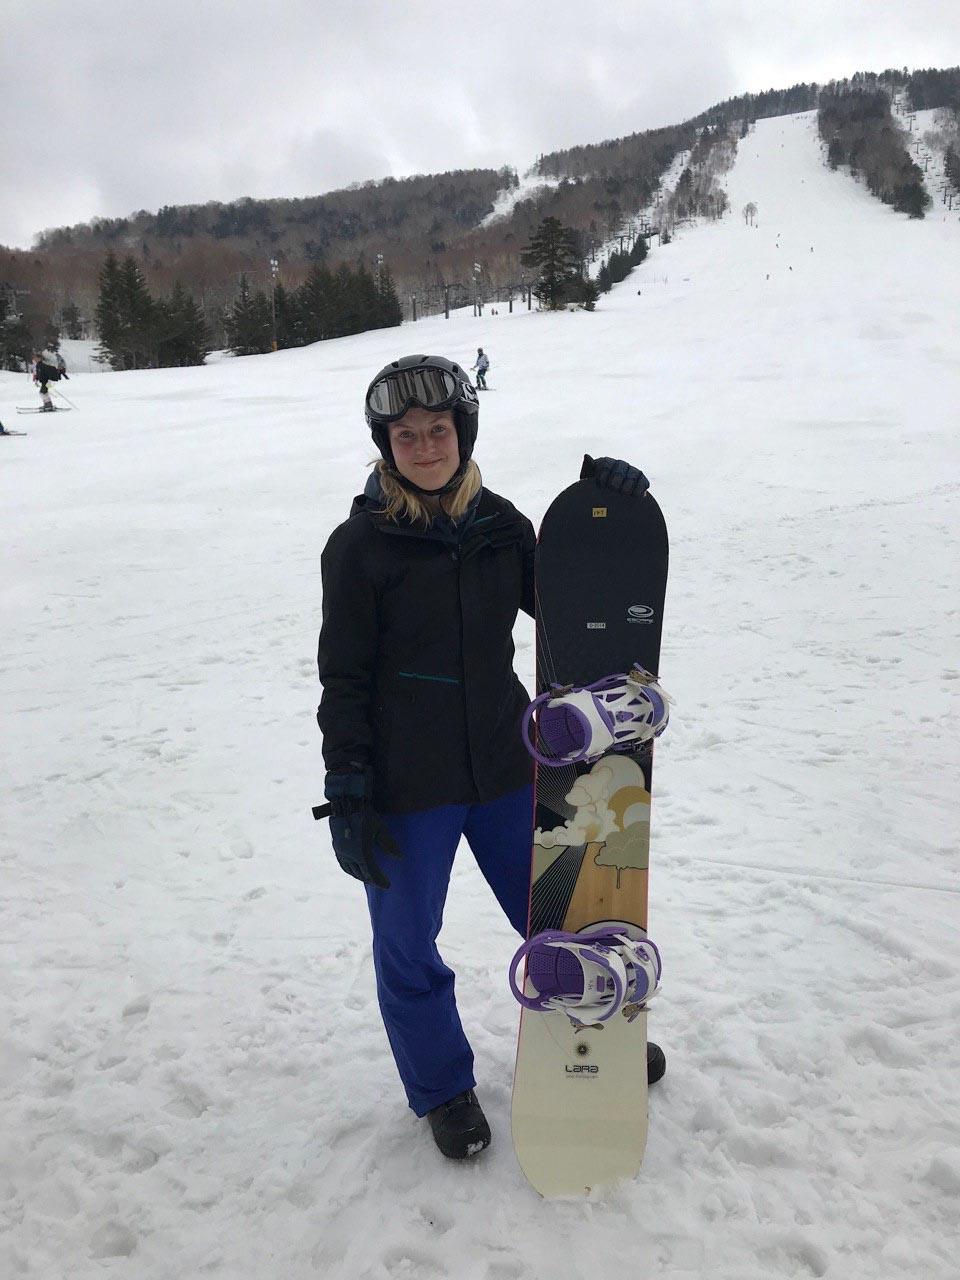 Wat te doen in Japan - Snowboarden in Shiga Kogen